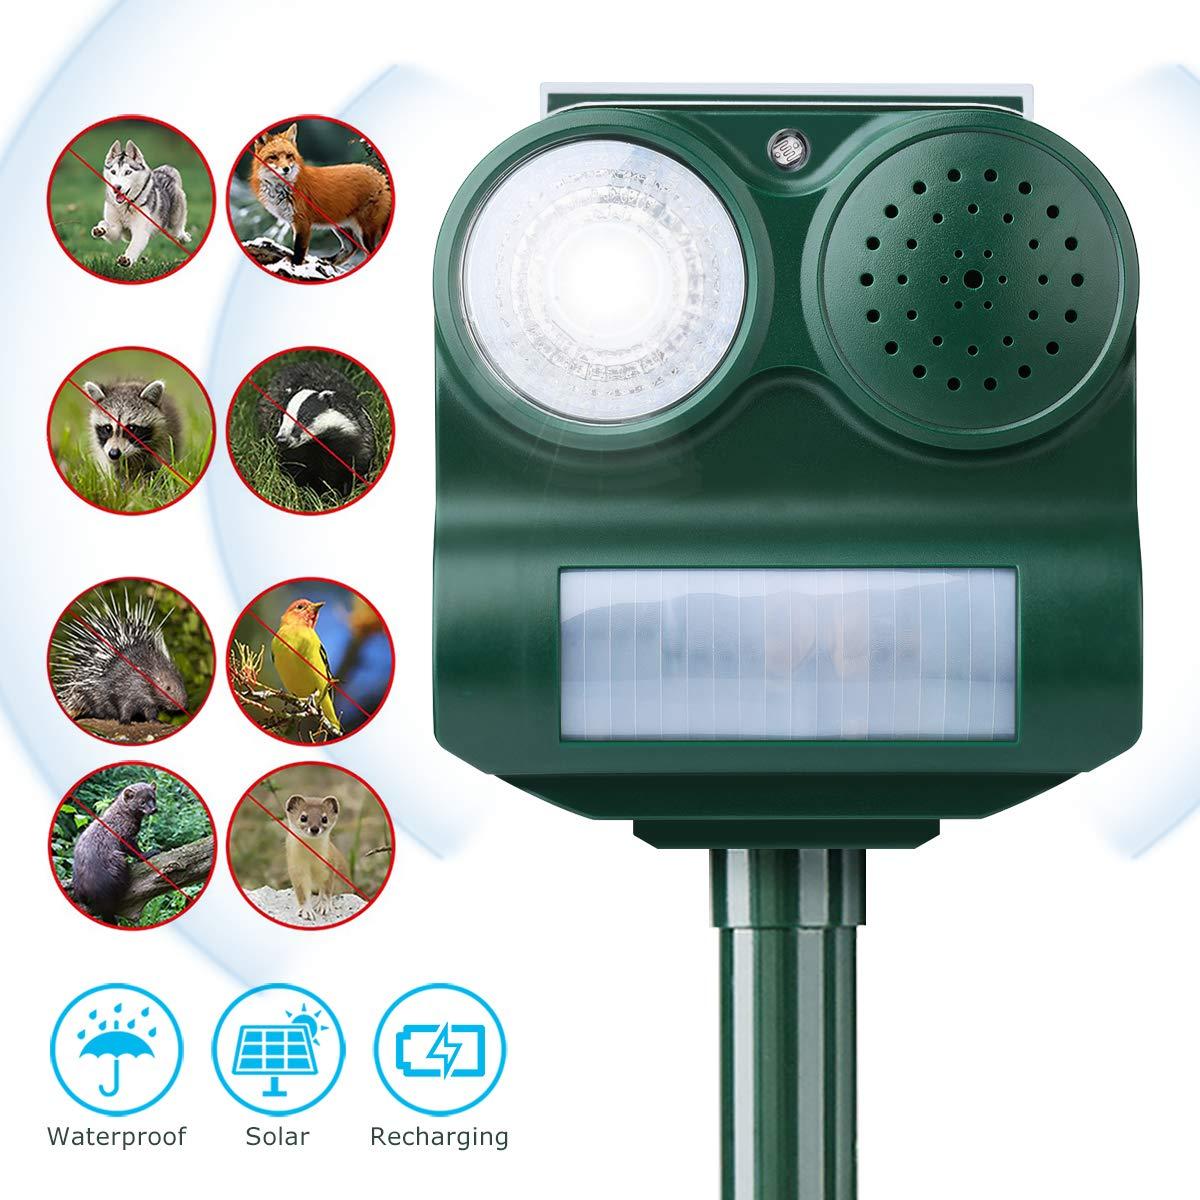 Solar Animal Repeller,CAMTOA Battery Powered Ultrasonic Pet Repellent/Animal Bird Deterrent Spike With PIR Sensor(Range: 8-10m,Frequency:12KHZ-35KHZ) For Animal on Grassland Farm Garden Yard Field (Adaptor Not Included)